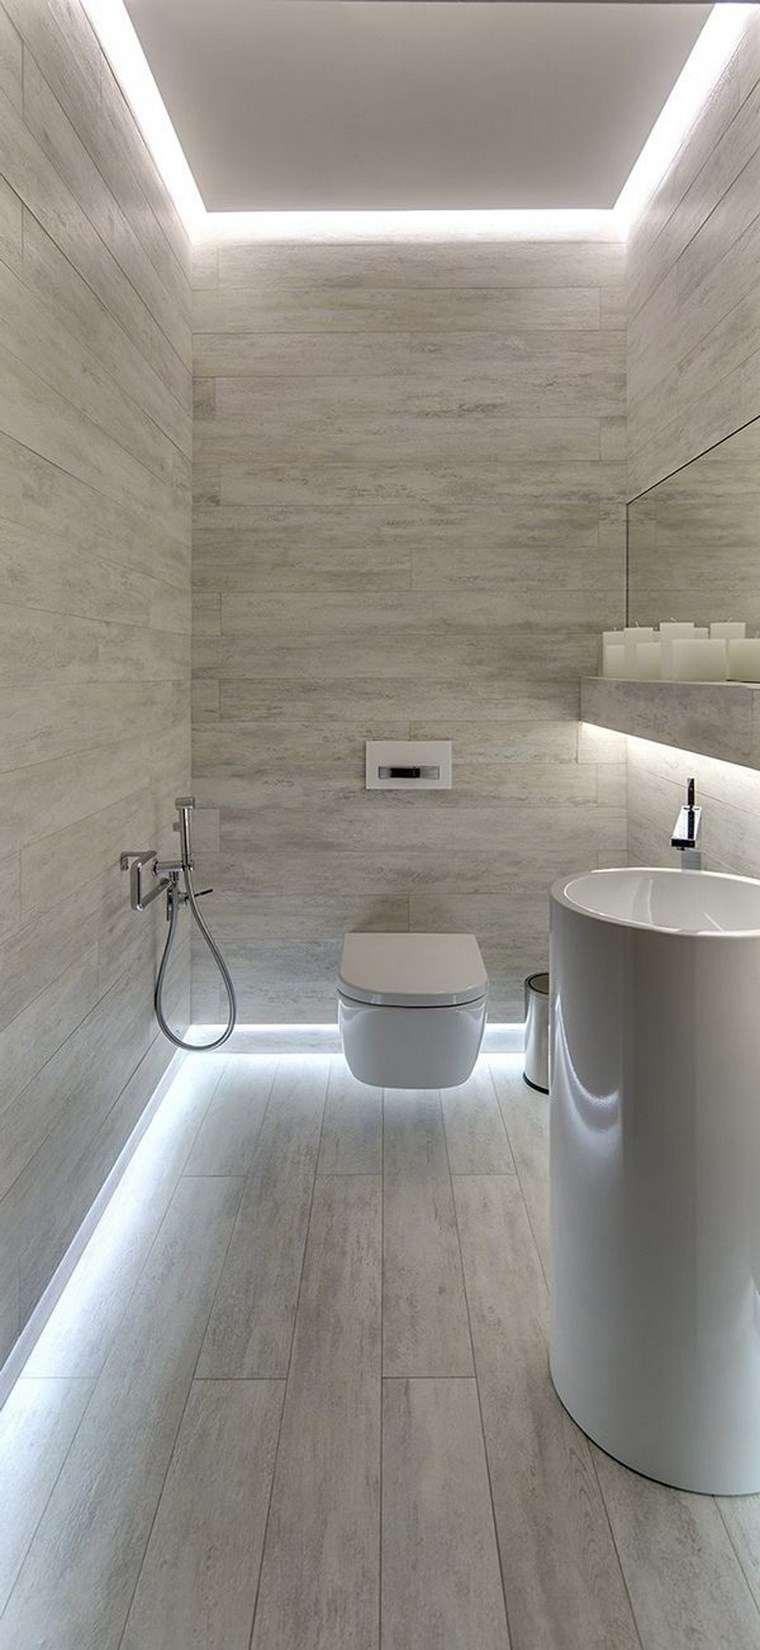 Techos Modernos. Top Modernos Interiores Con Doble Altura With ...